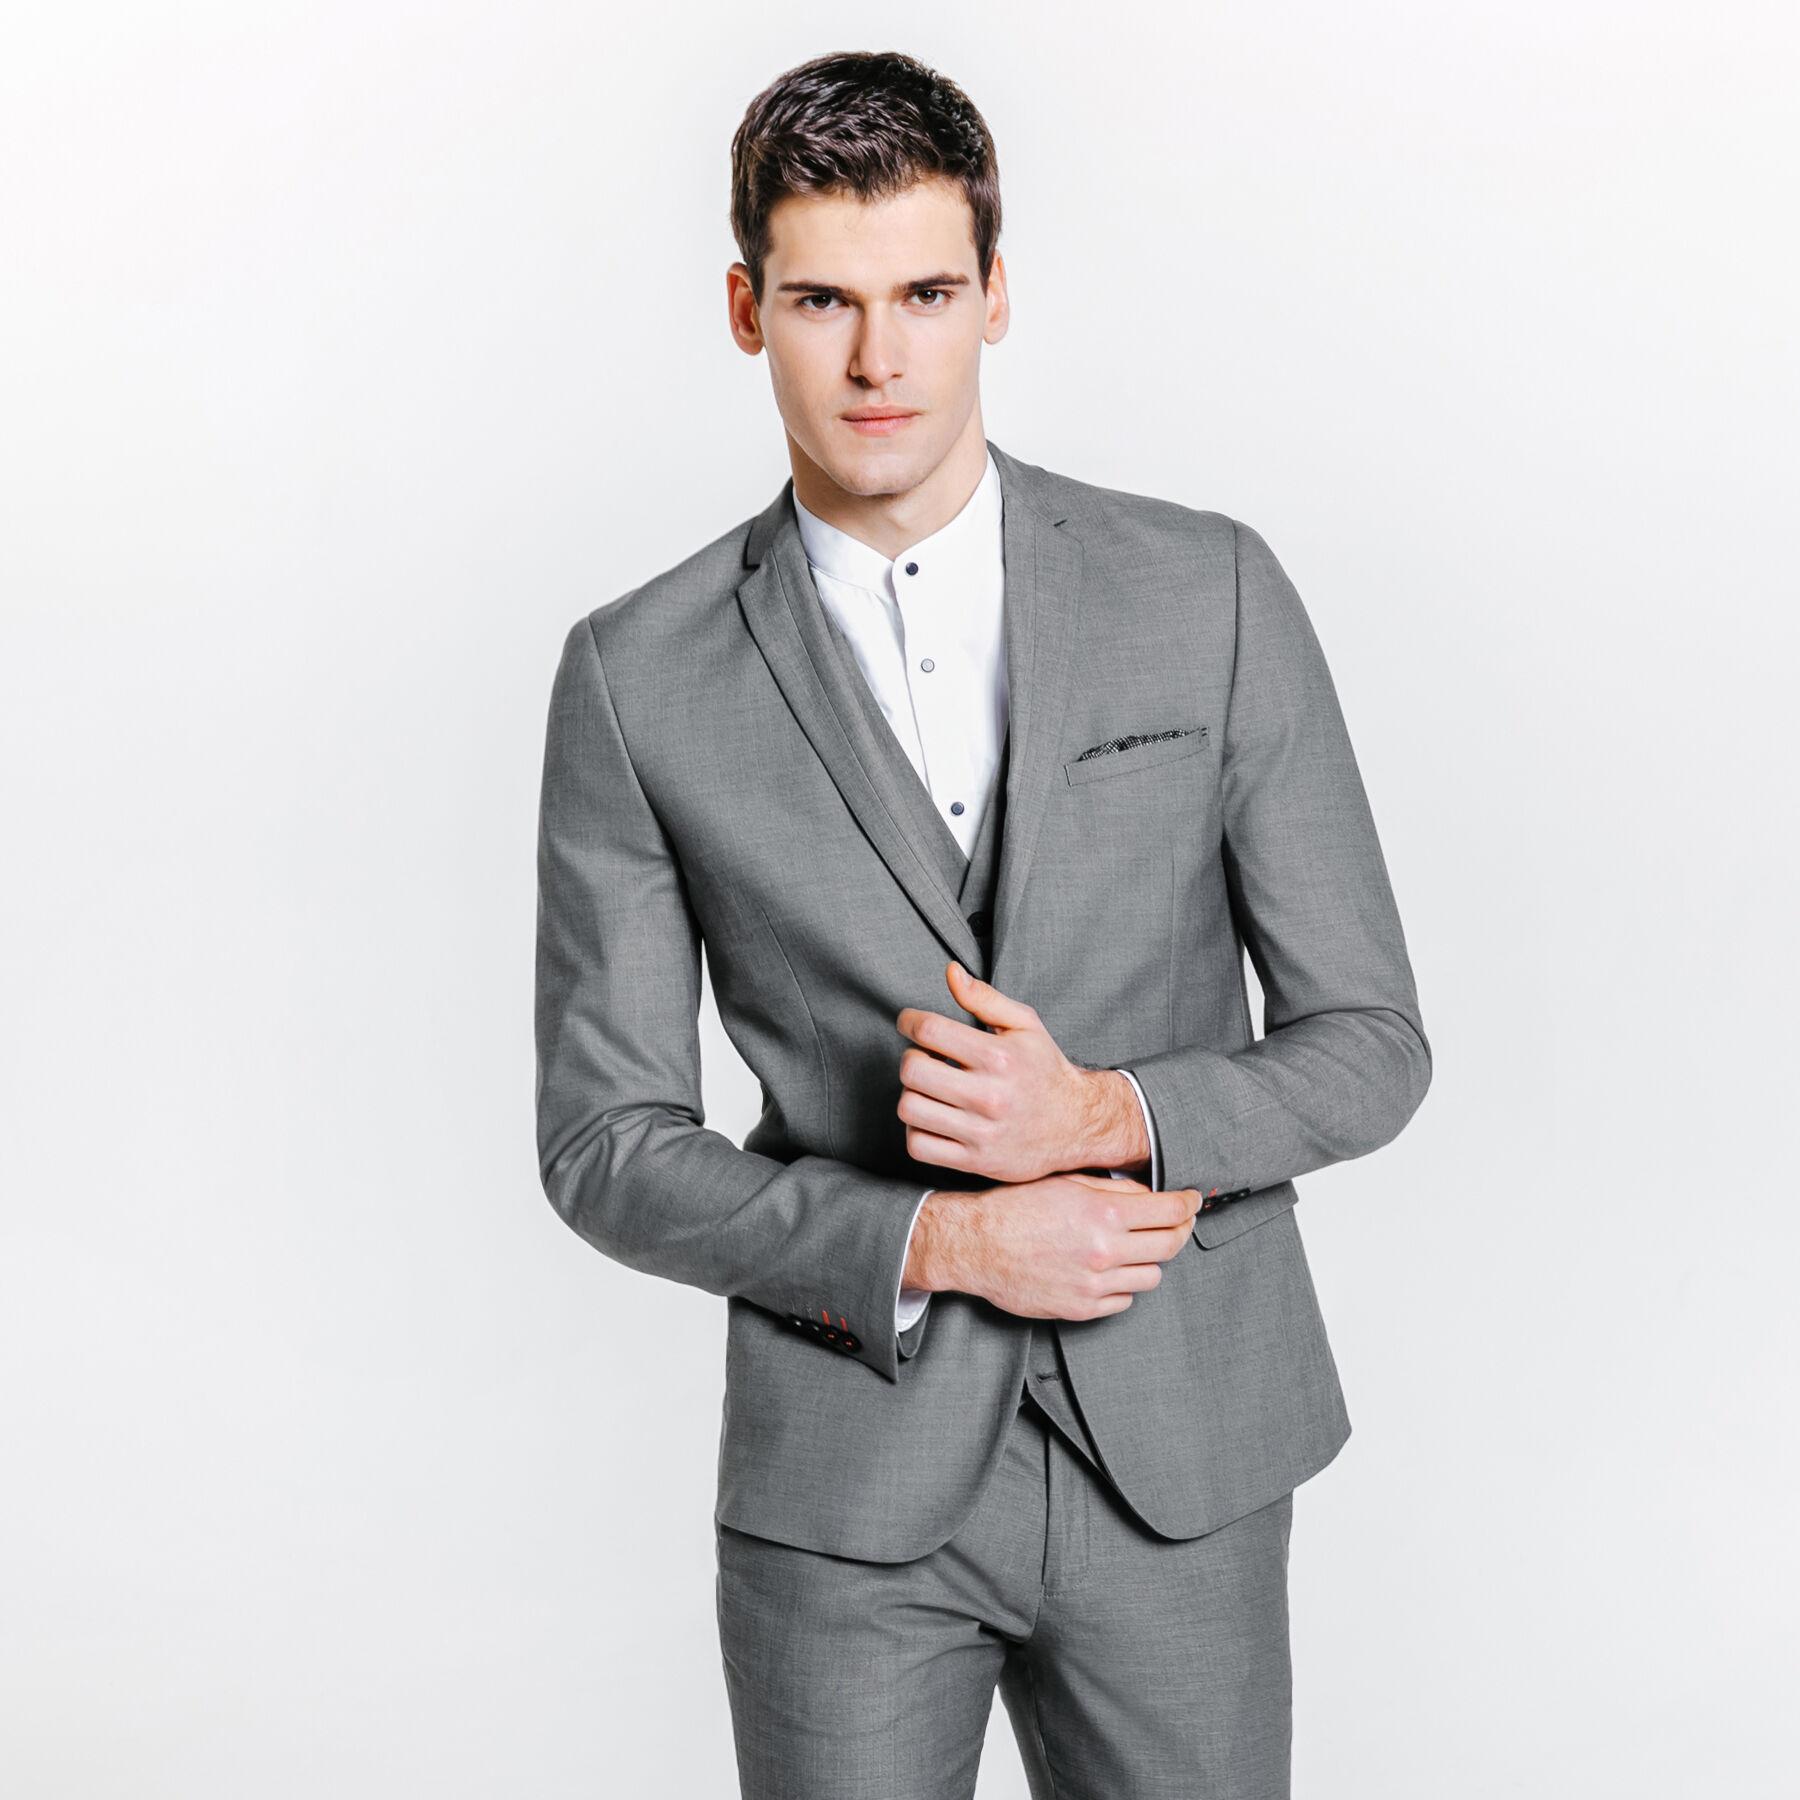 Extra À Homme Fil Veste De Costume Slim Gris Jules Clair hQdtxsrC